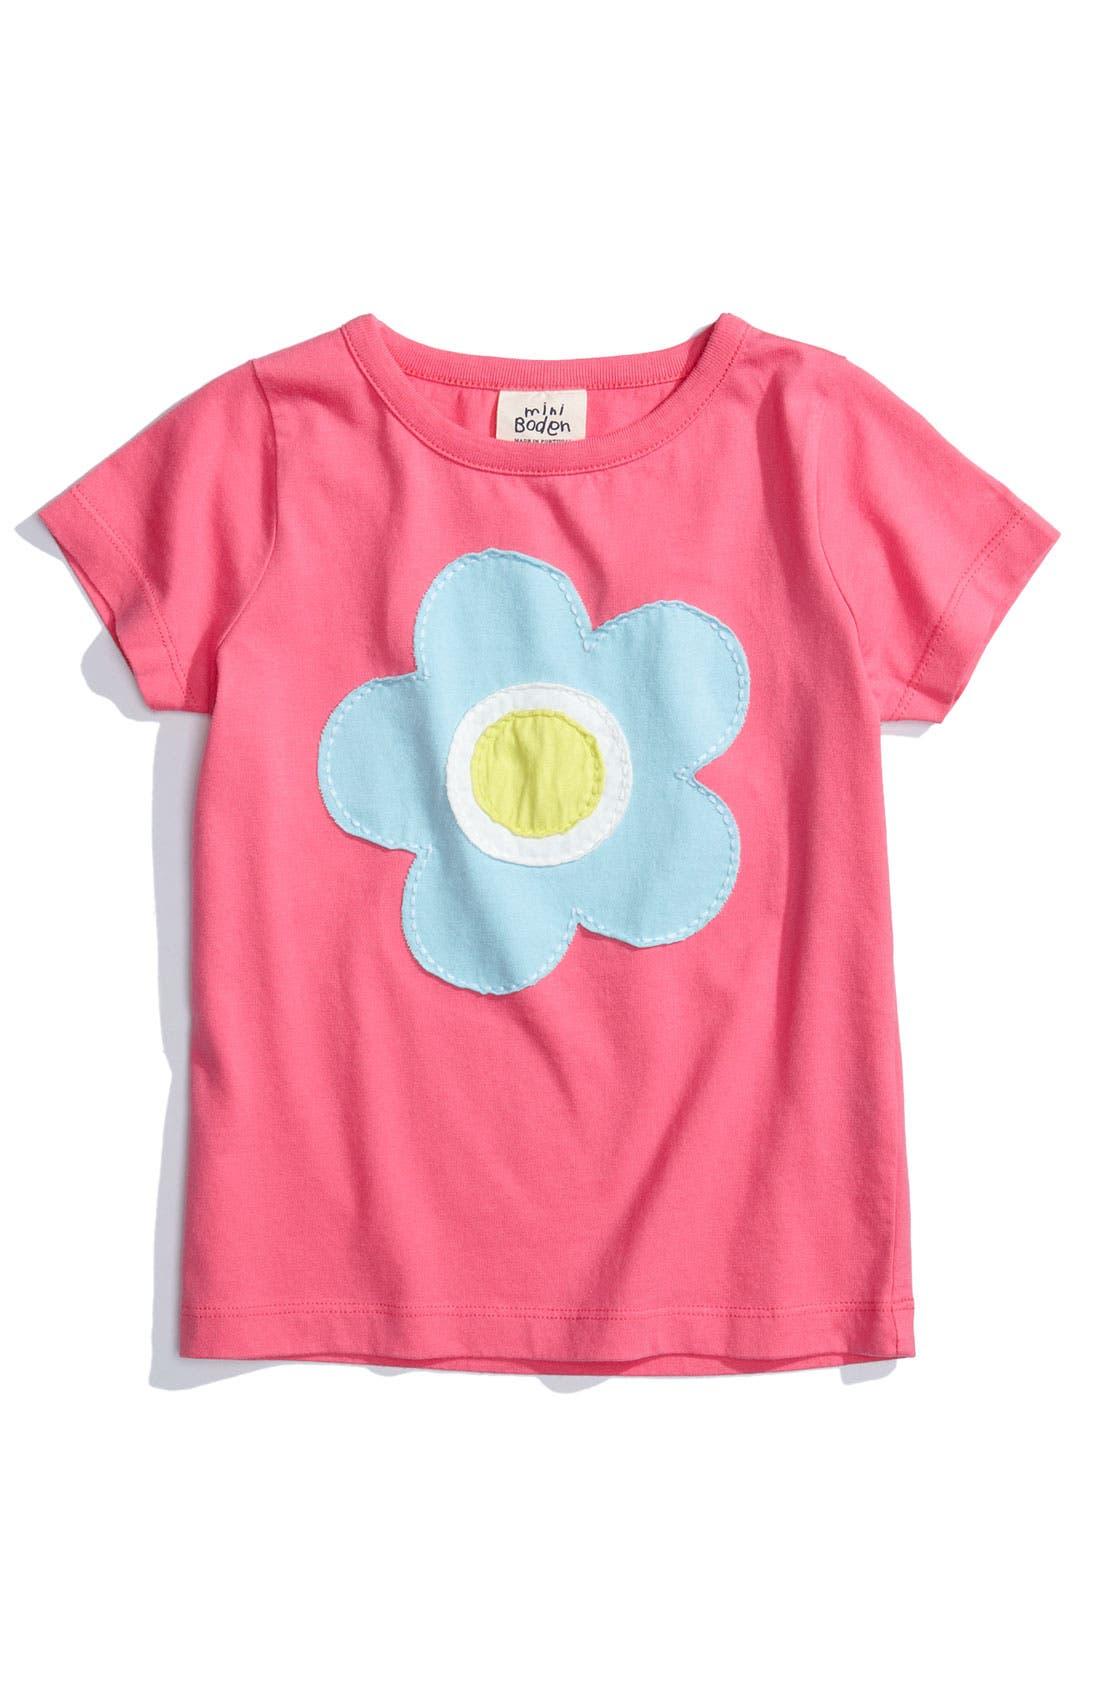 Main Image - Mini Boden 'Fun' Appliqué Tee (Toddler)